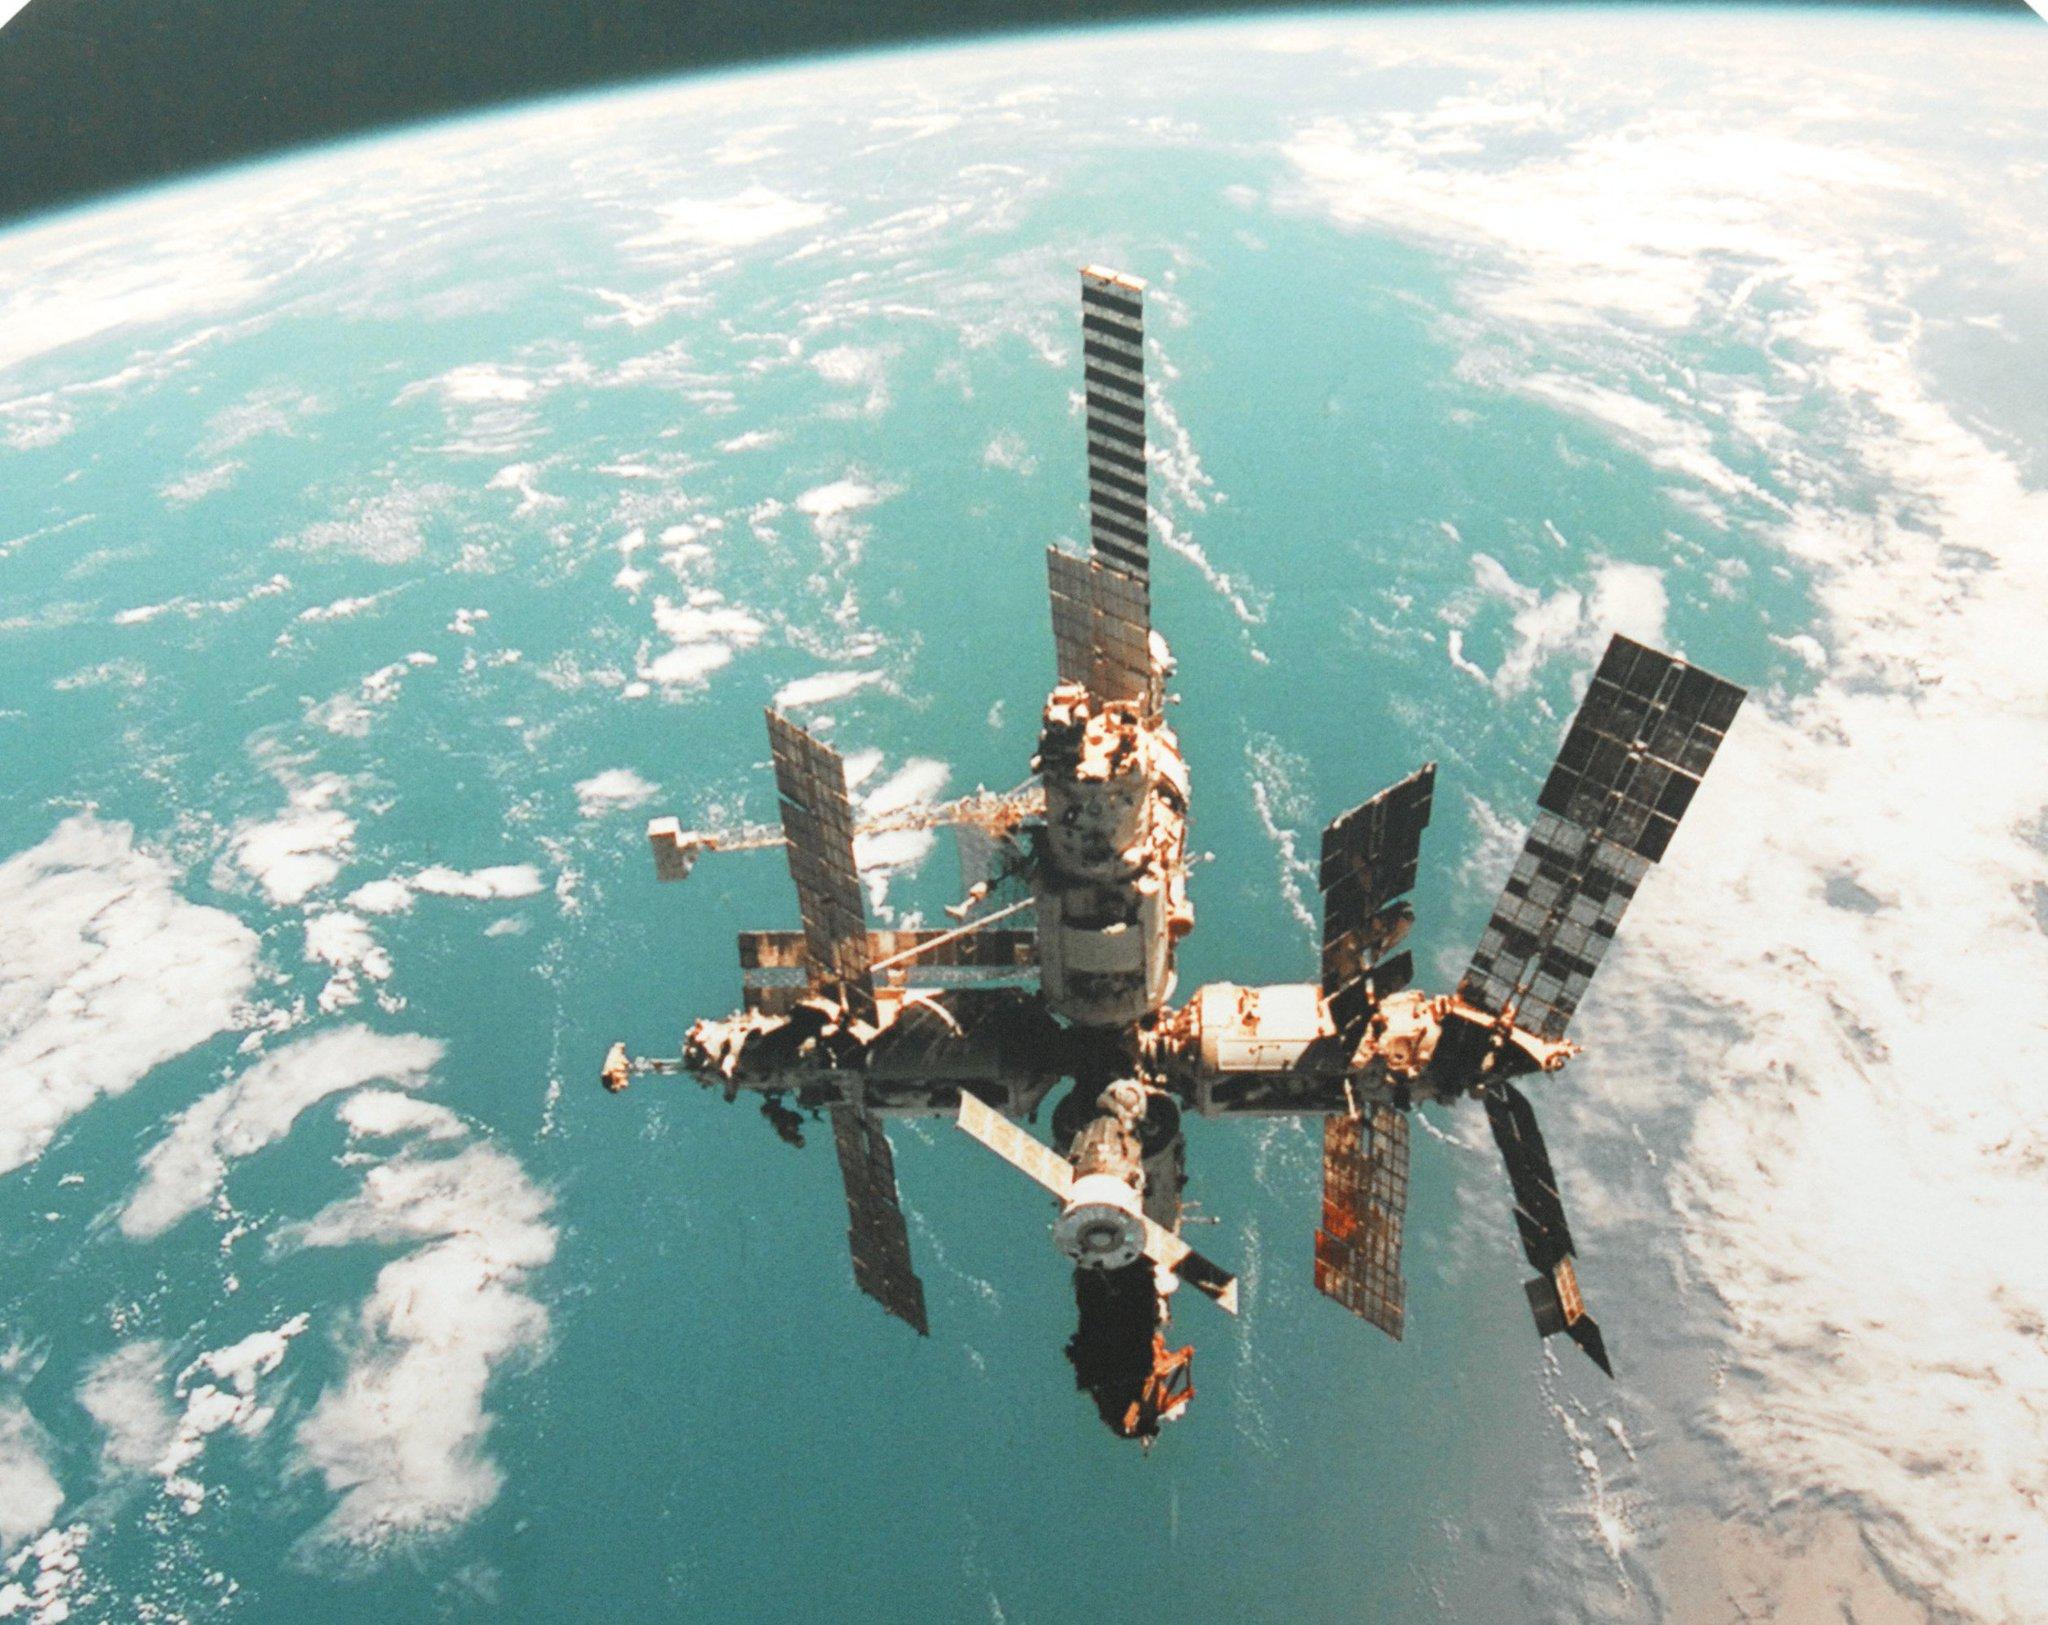 долго удавалось фото космической станции мир магнитогорске, вижение перекрыто